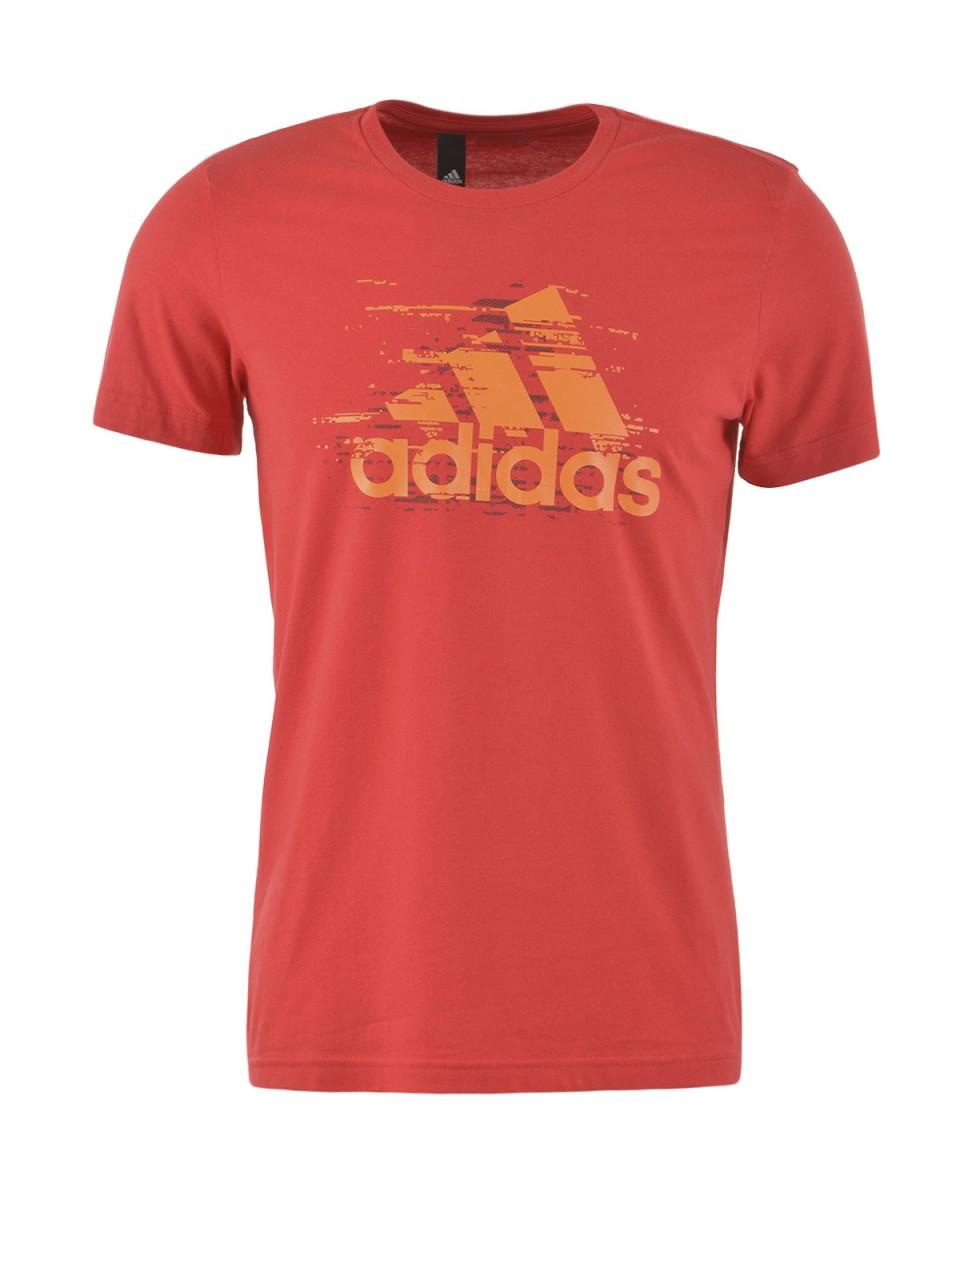 ADIDAS Herren T-Shirt, rot